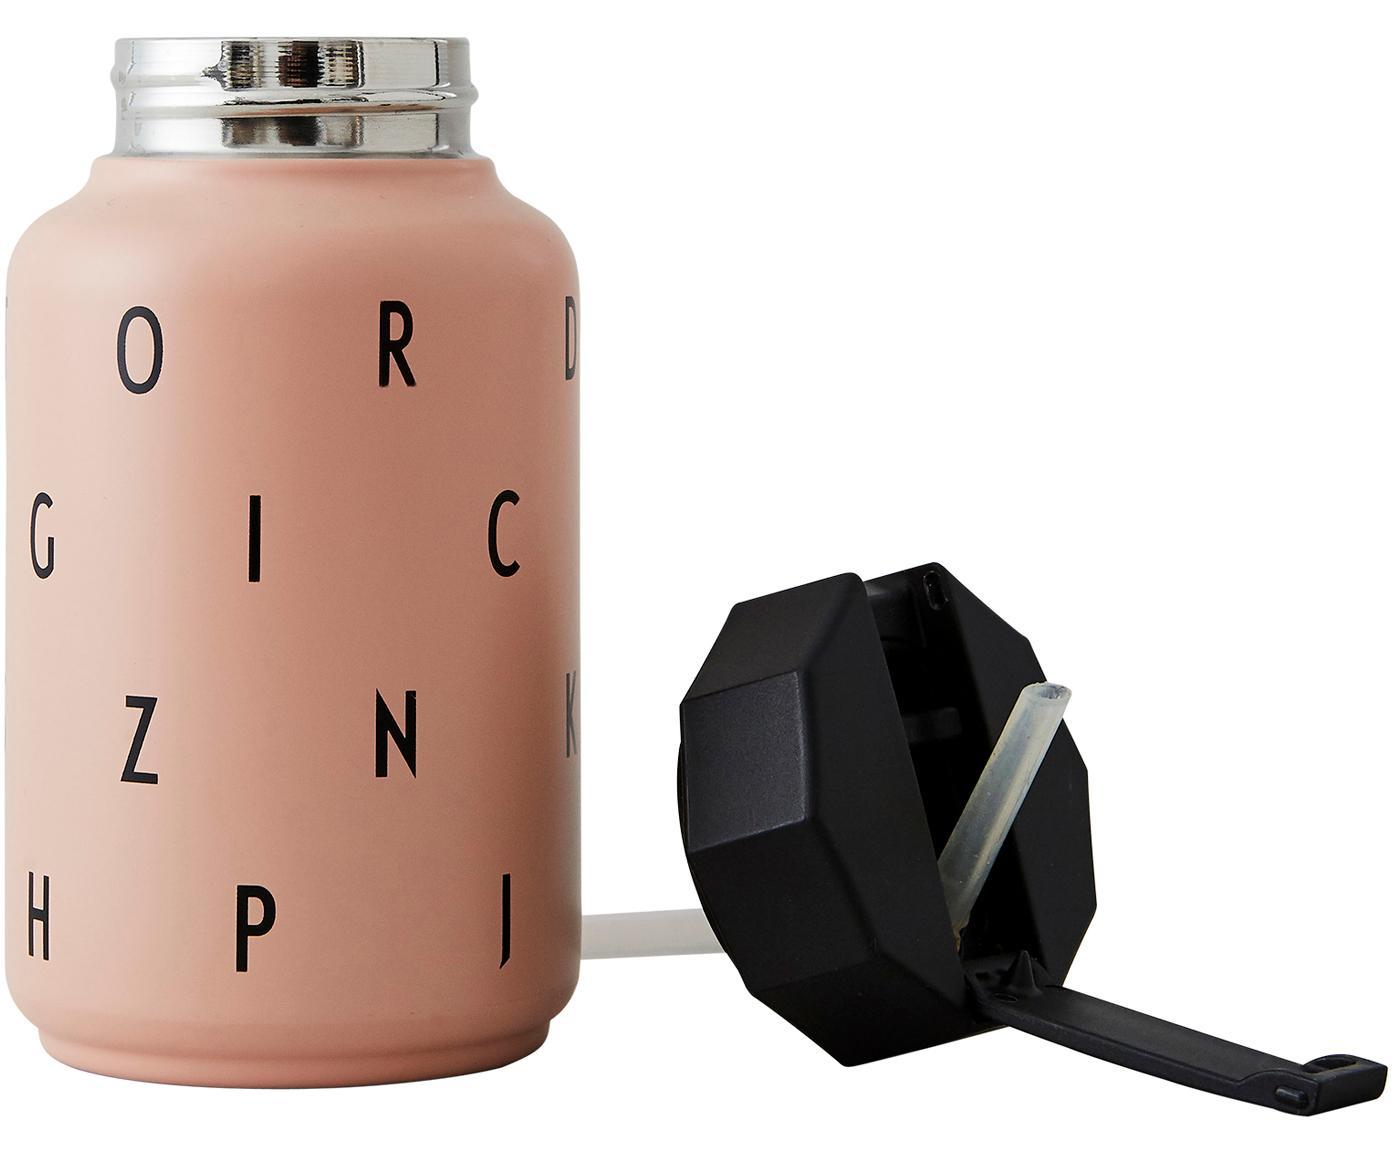 Kinder-Isoliertrinkflasche Ilona mit Trinkhalm, Rosa, 330 ml